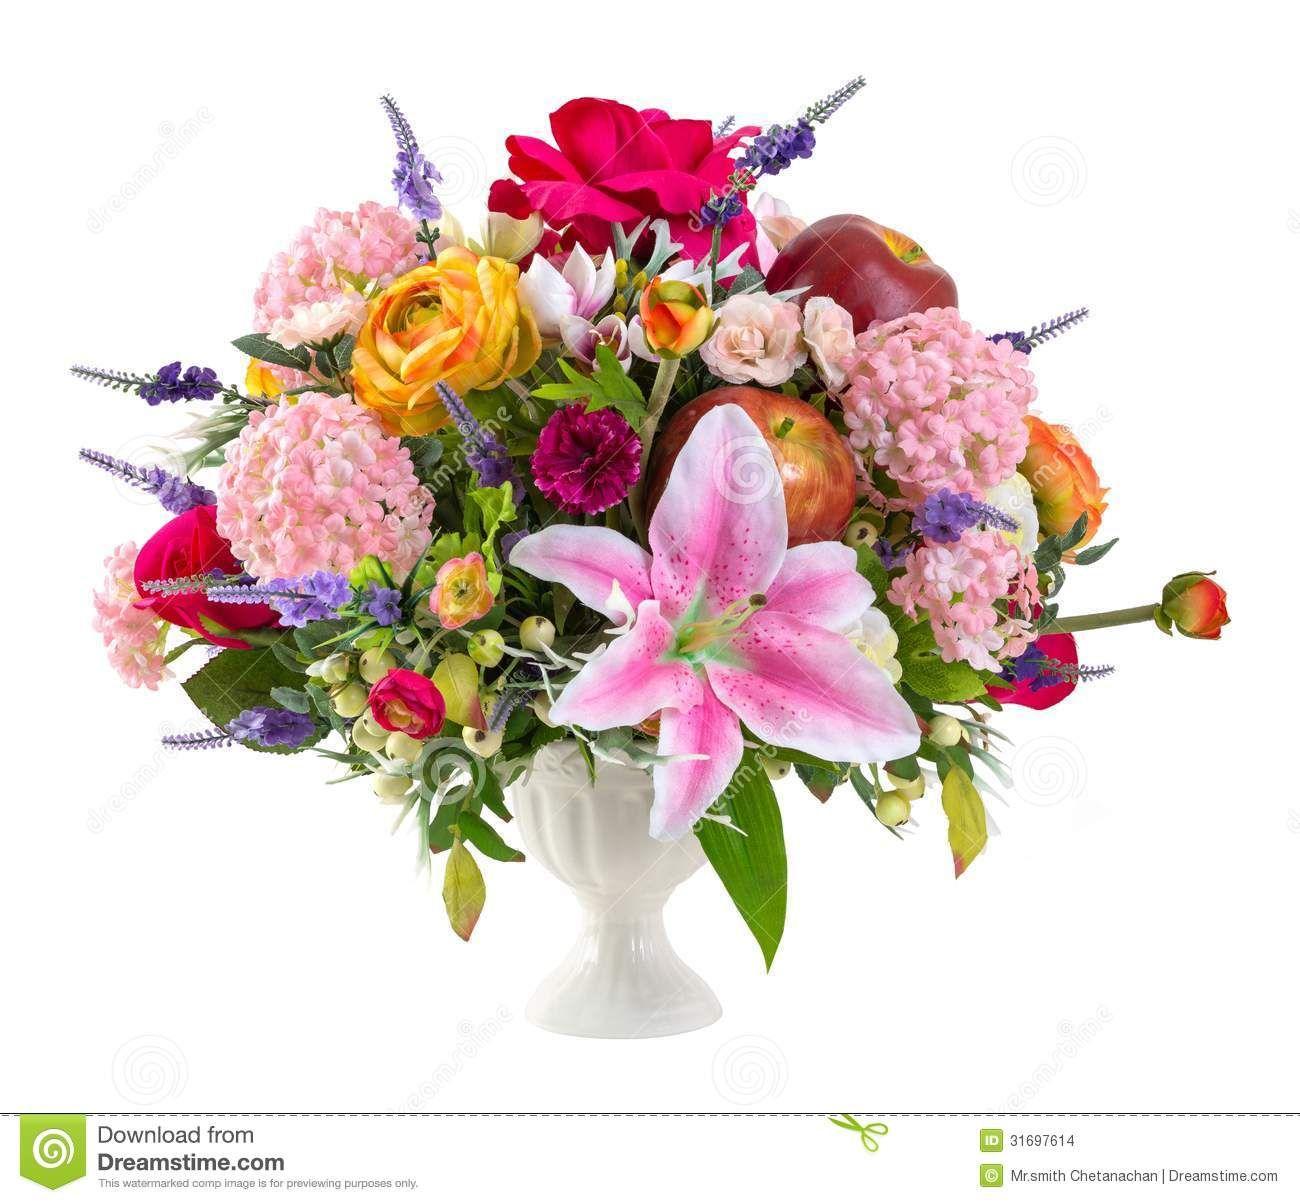 Lily rose flower stock flower images pinterest flower orchid lily rose flower izmirmasajfo